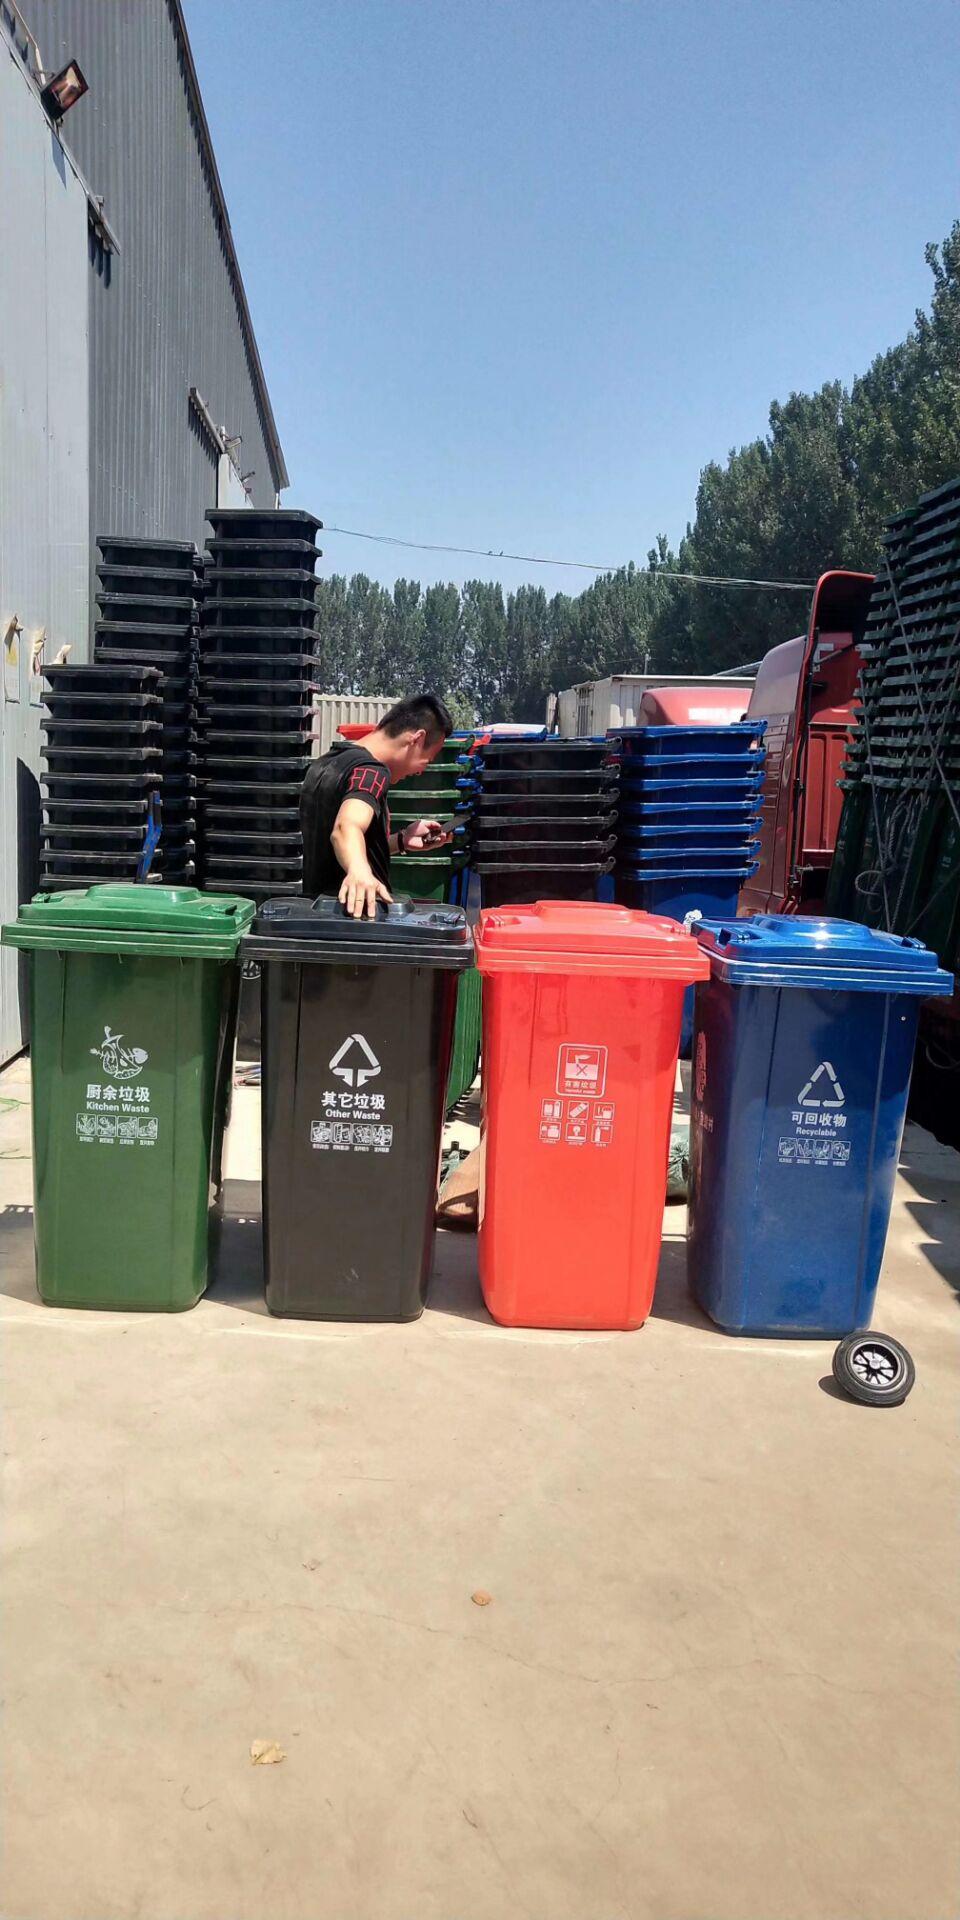 四色分类塑料bwinchina240L,120L